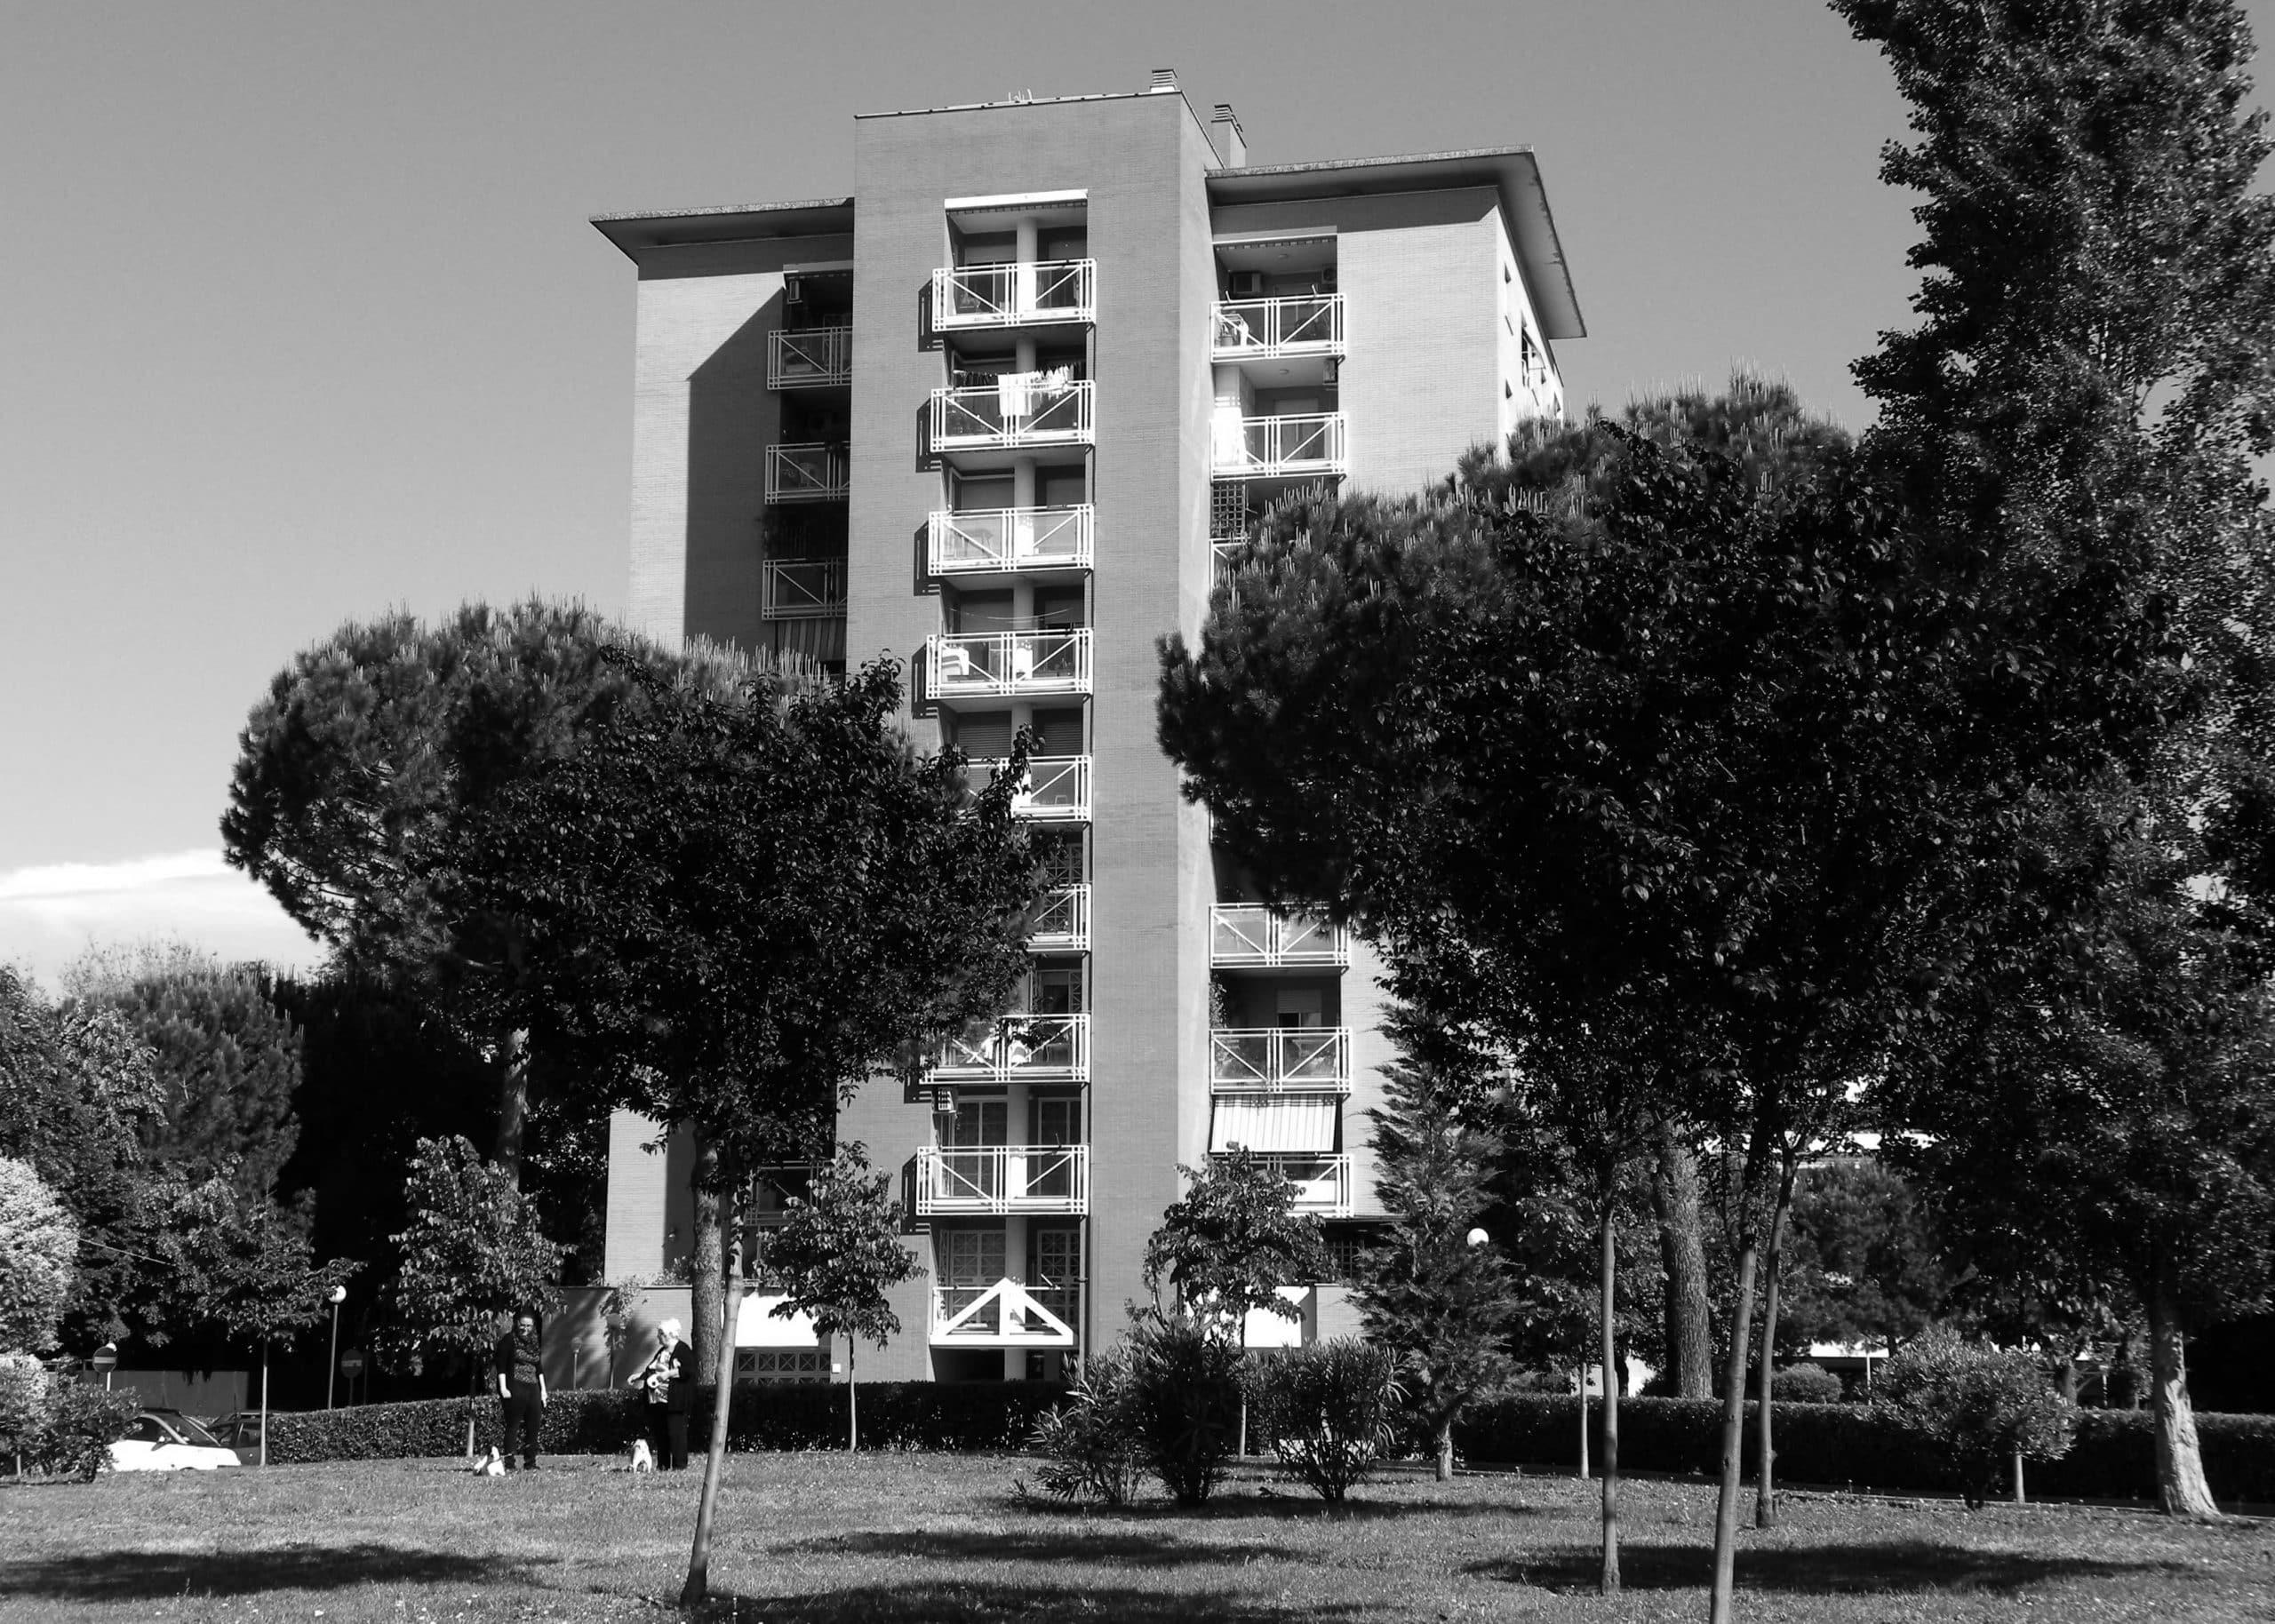 22 - Complesso residenziale per 216 alloggi e uffici nel PdZ Tiburtino Sud in via B. Bardanzellu, Roma - Vista esterna degli edifici residenziali